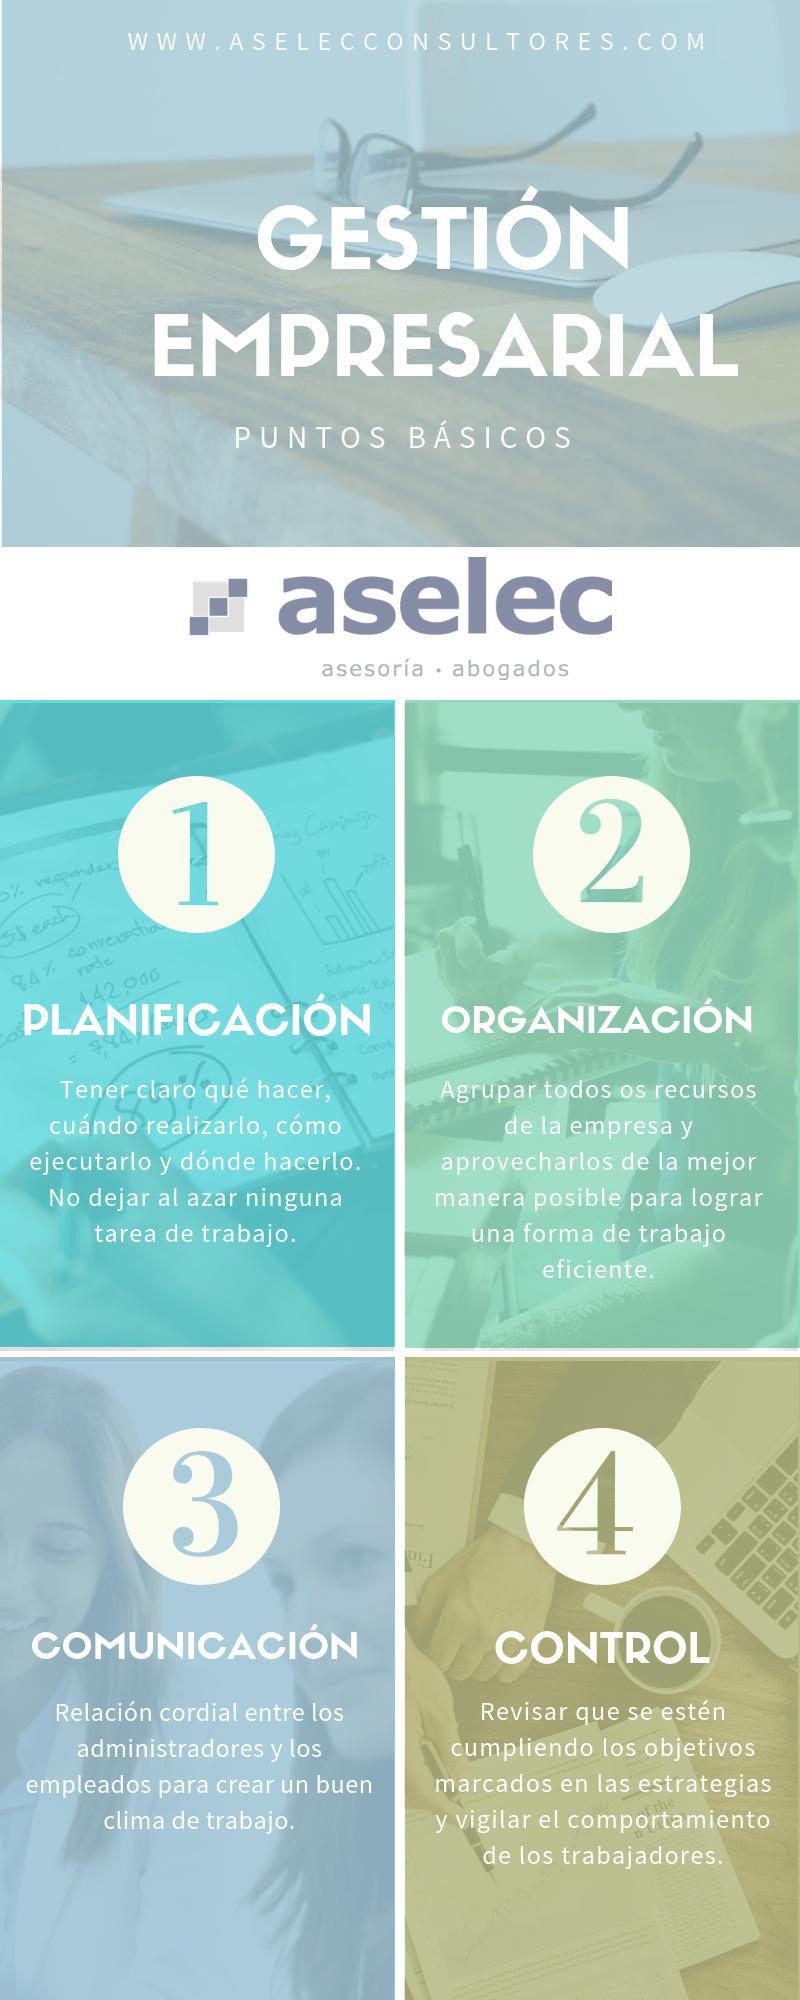 infog-gestión-empresarial-básicos-aselec